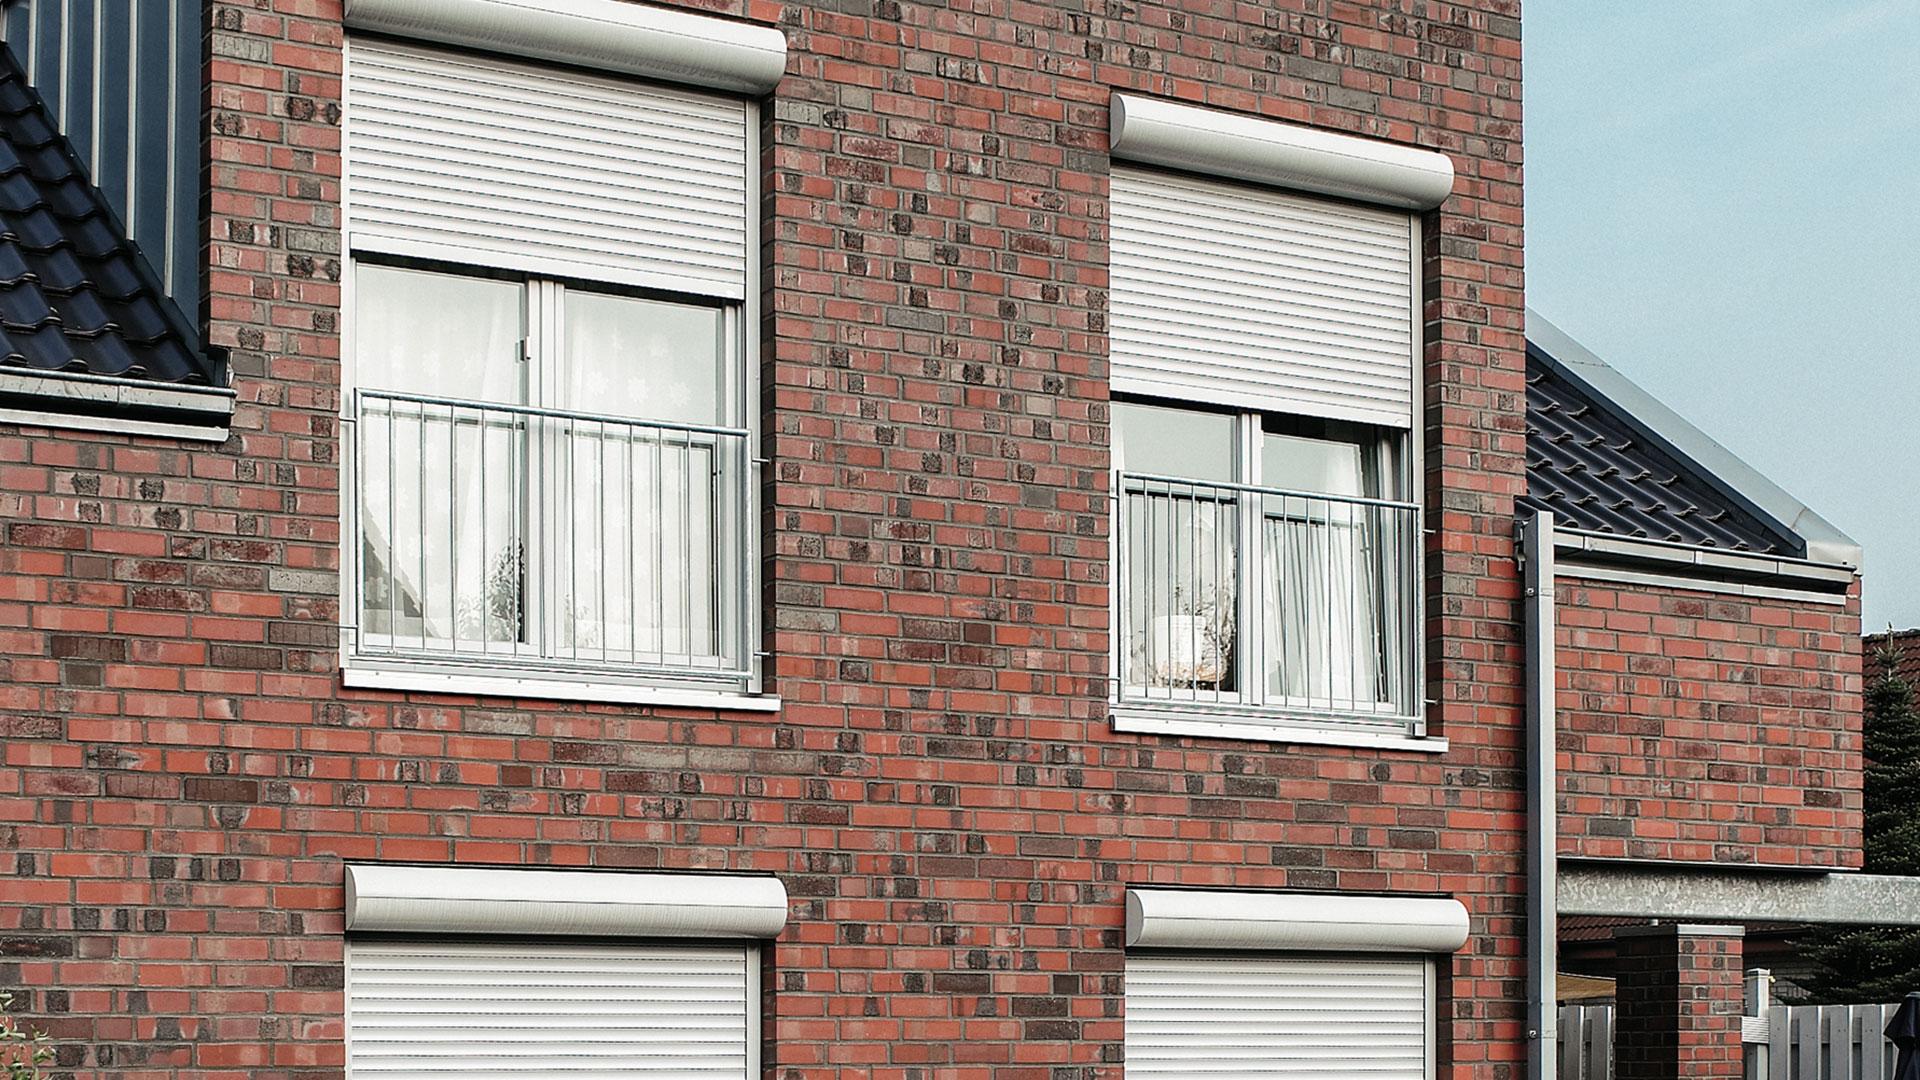 zanker Rollladen 06 - Sonnenschutz für Fenster und Fassade